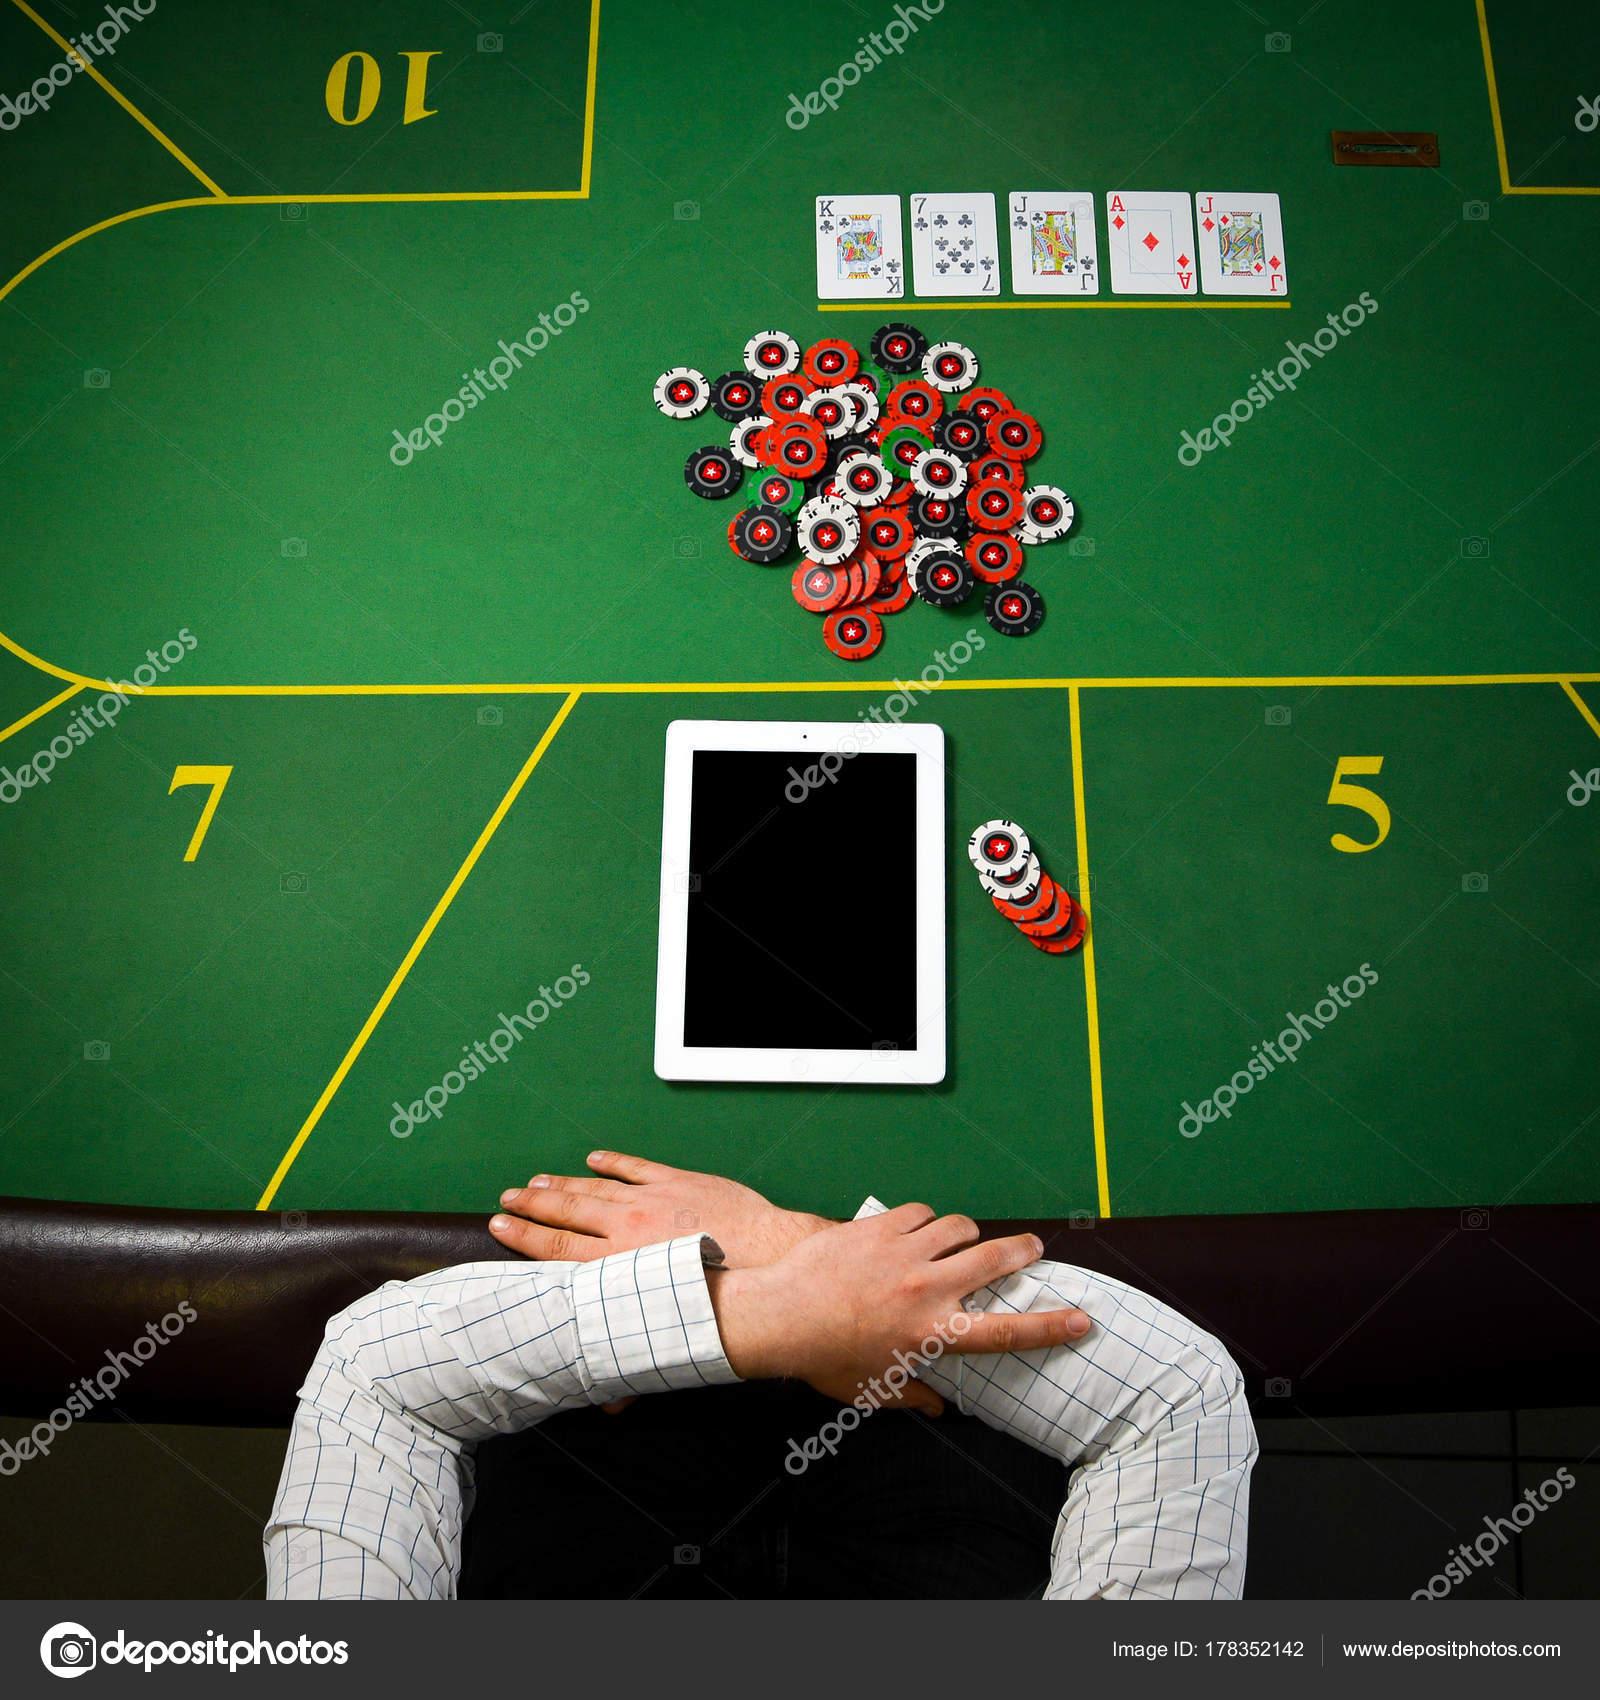 Играть покер онлайн на планшете карты игральные пасьянс косынка играть бесплатно